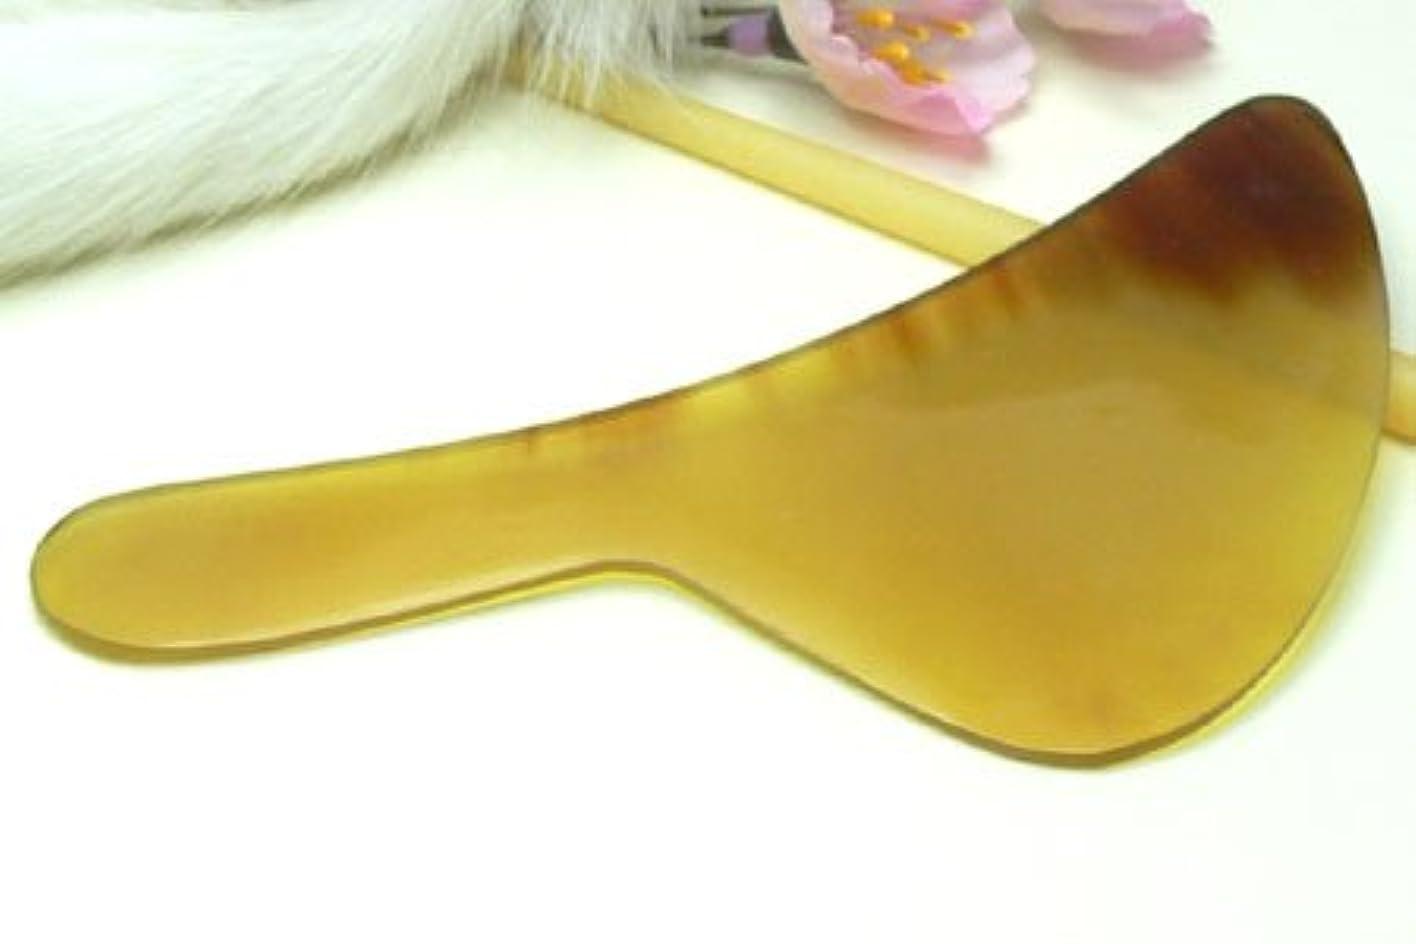 予算採用変化するかっさ板、美容、刮莎板、グアシャ板,水牛角製